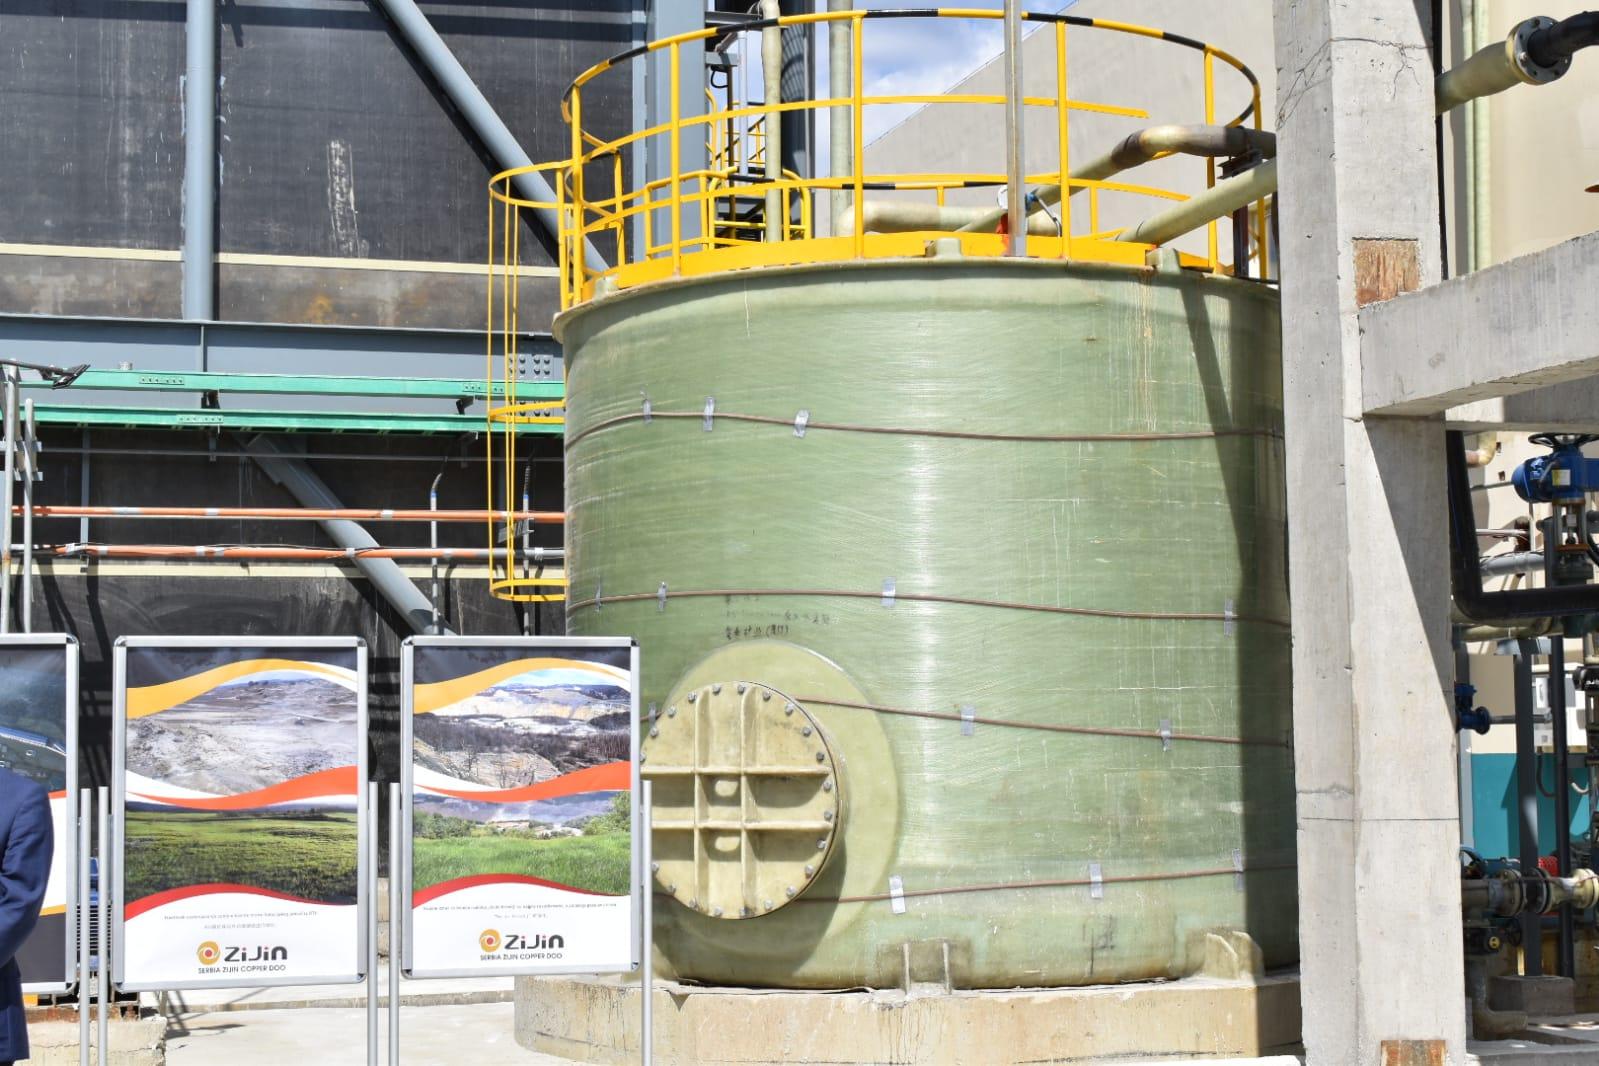 Vujović u Boru: Ulaganje Ziđina u modernizaciju postrojenja važno za životnu sredinu